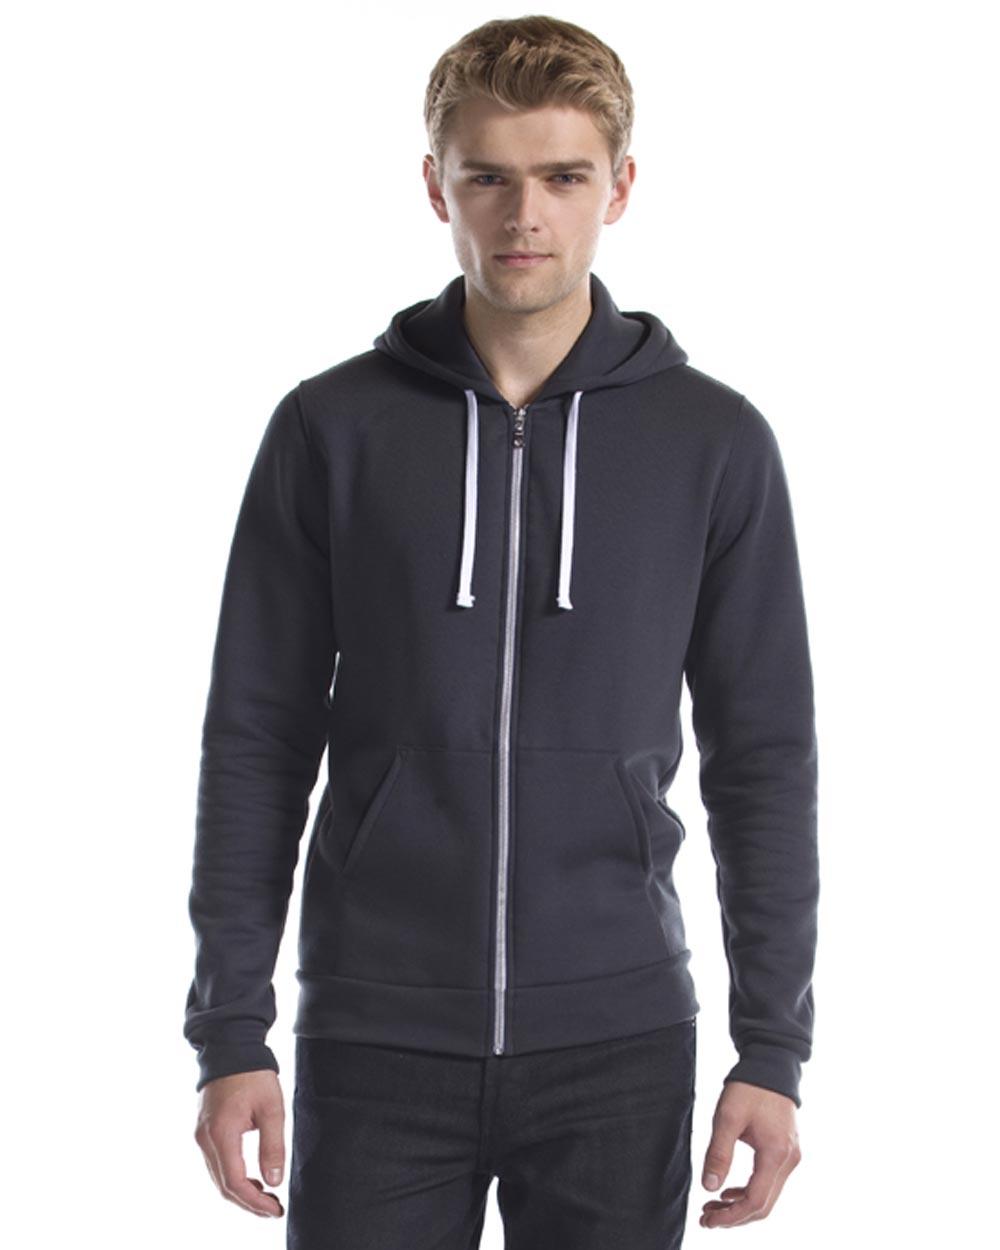 Jerico Slim Fit Full Zip Hooded Sweatshirt